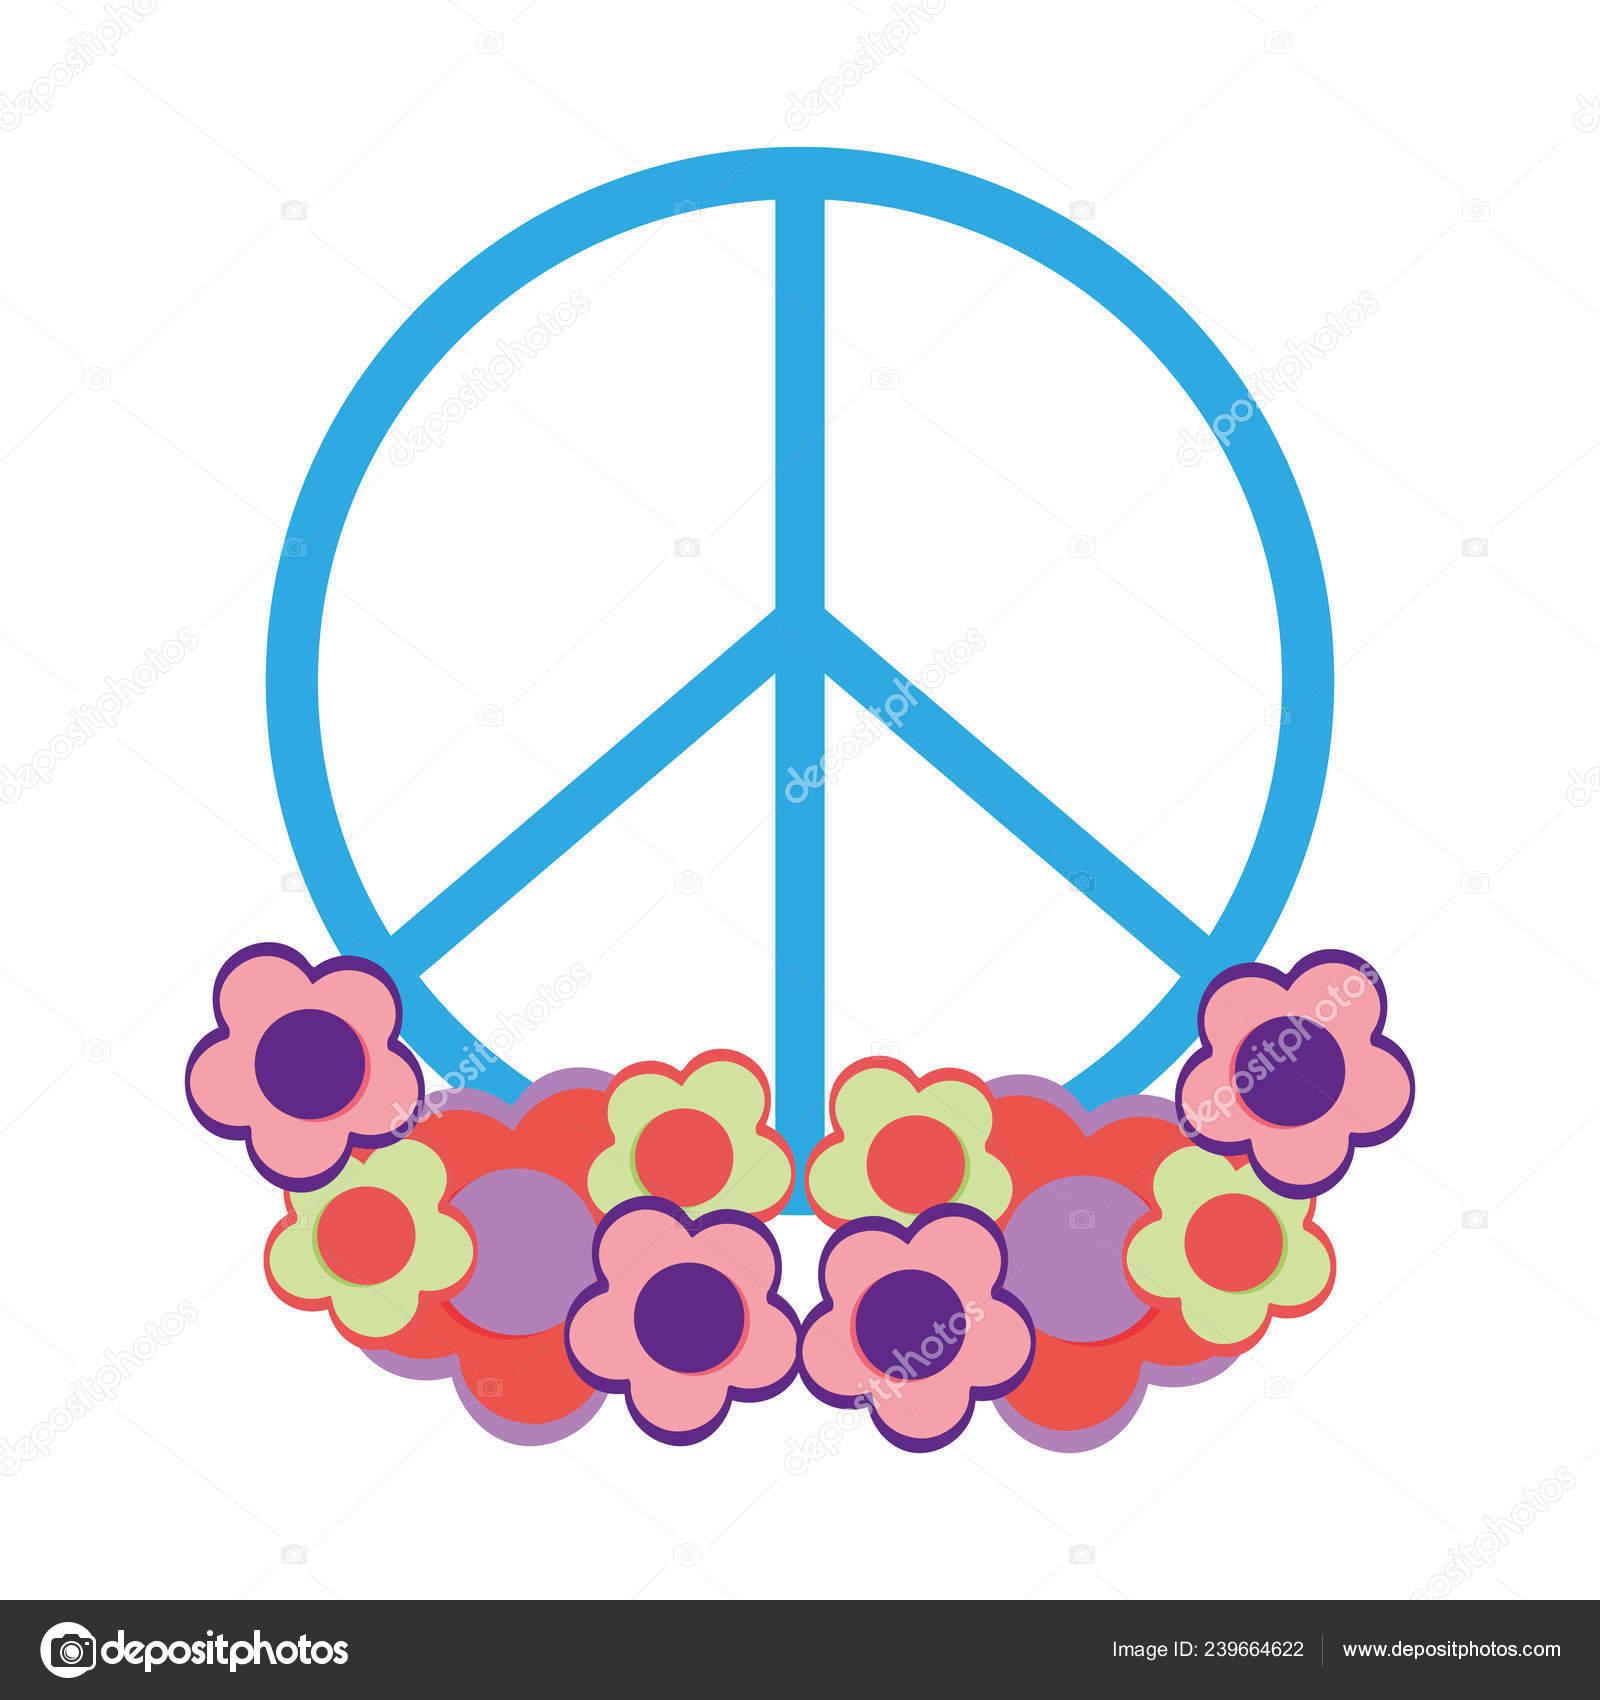 Icone Paz Amor Simbolo Desenho Ilustracao Vetorial Vetores De